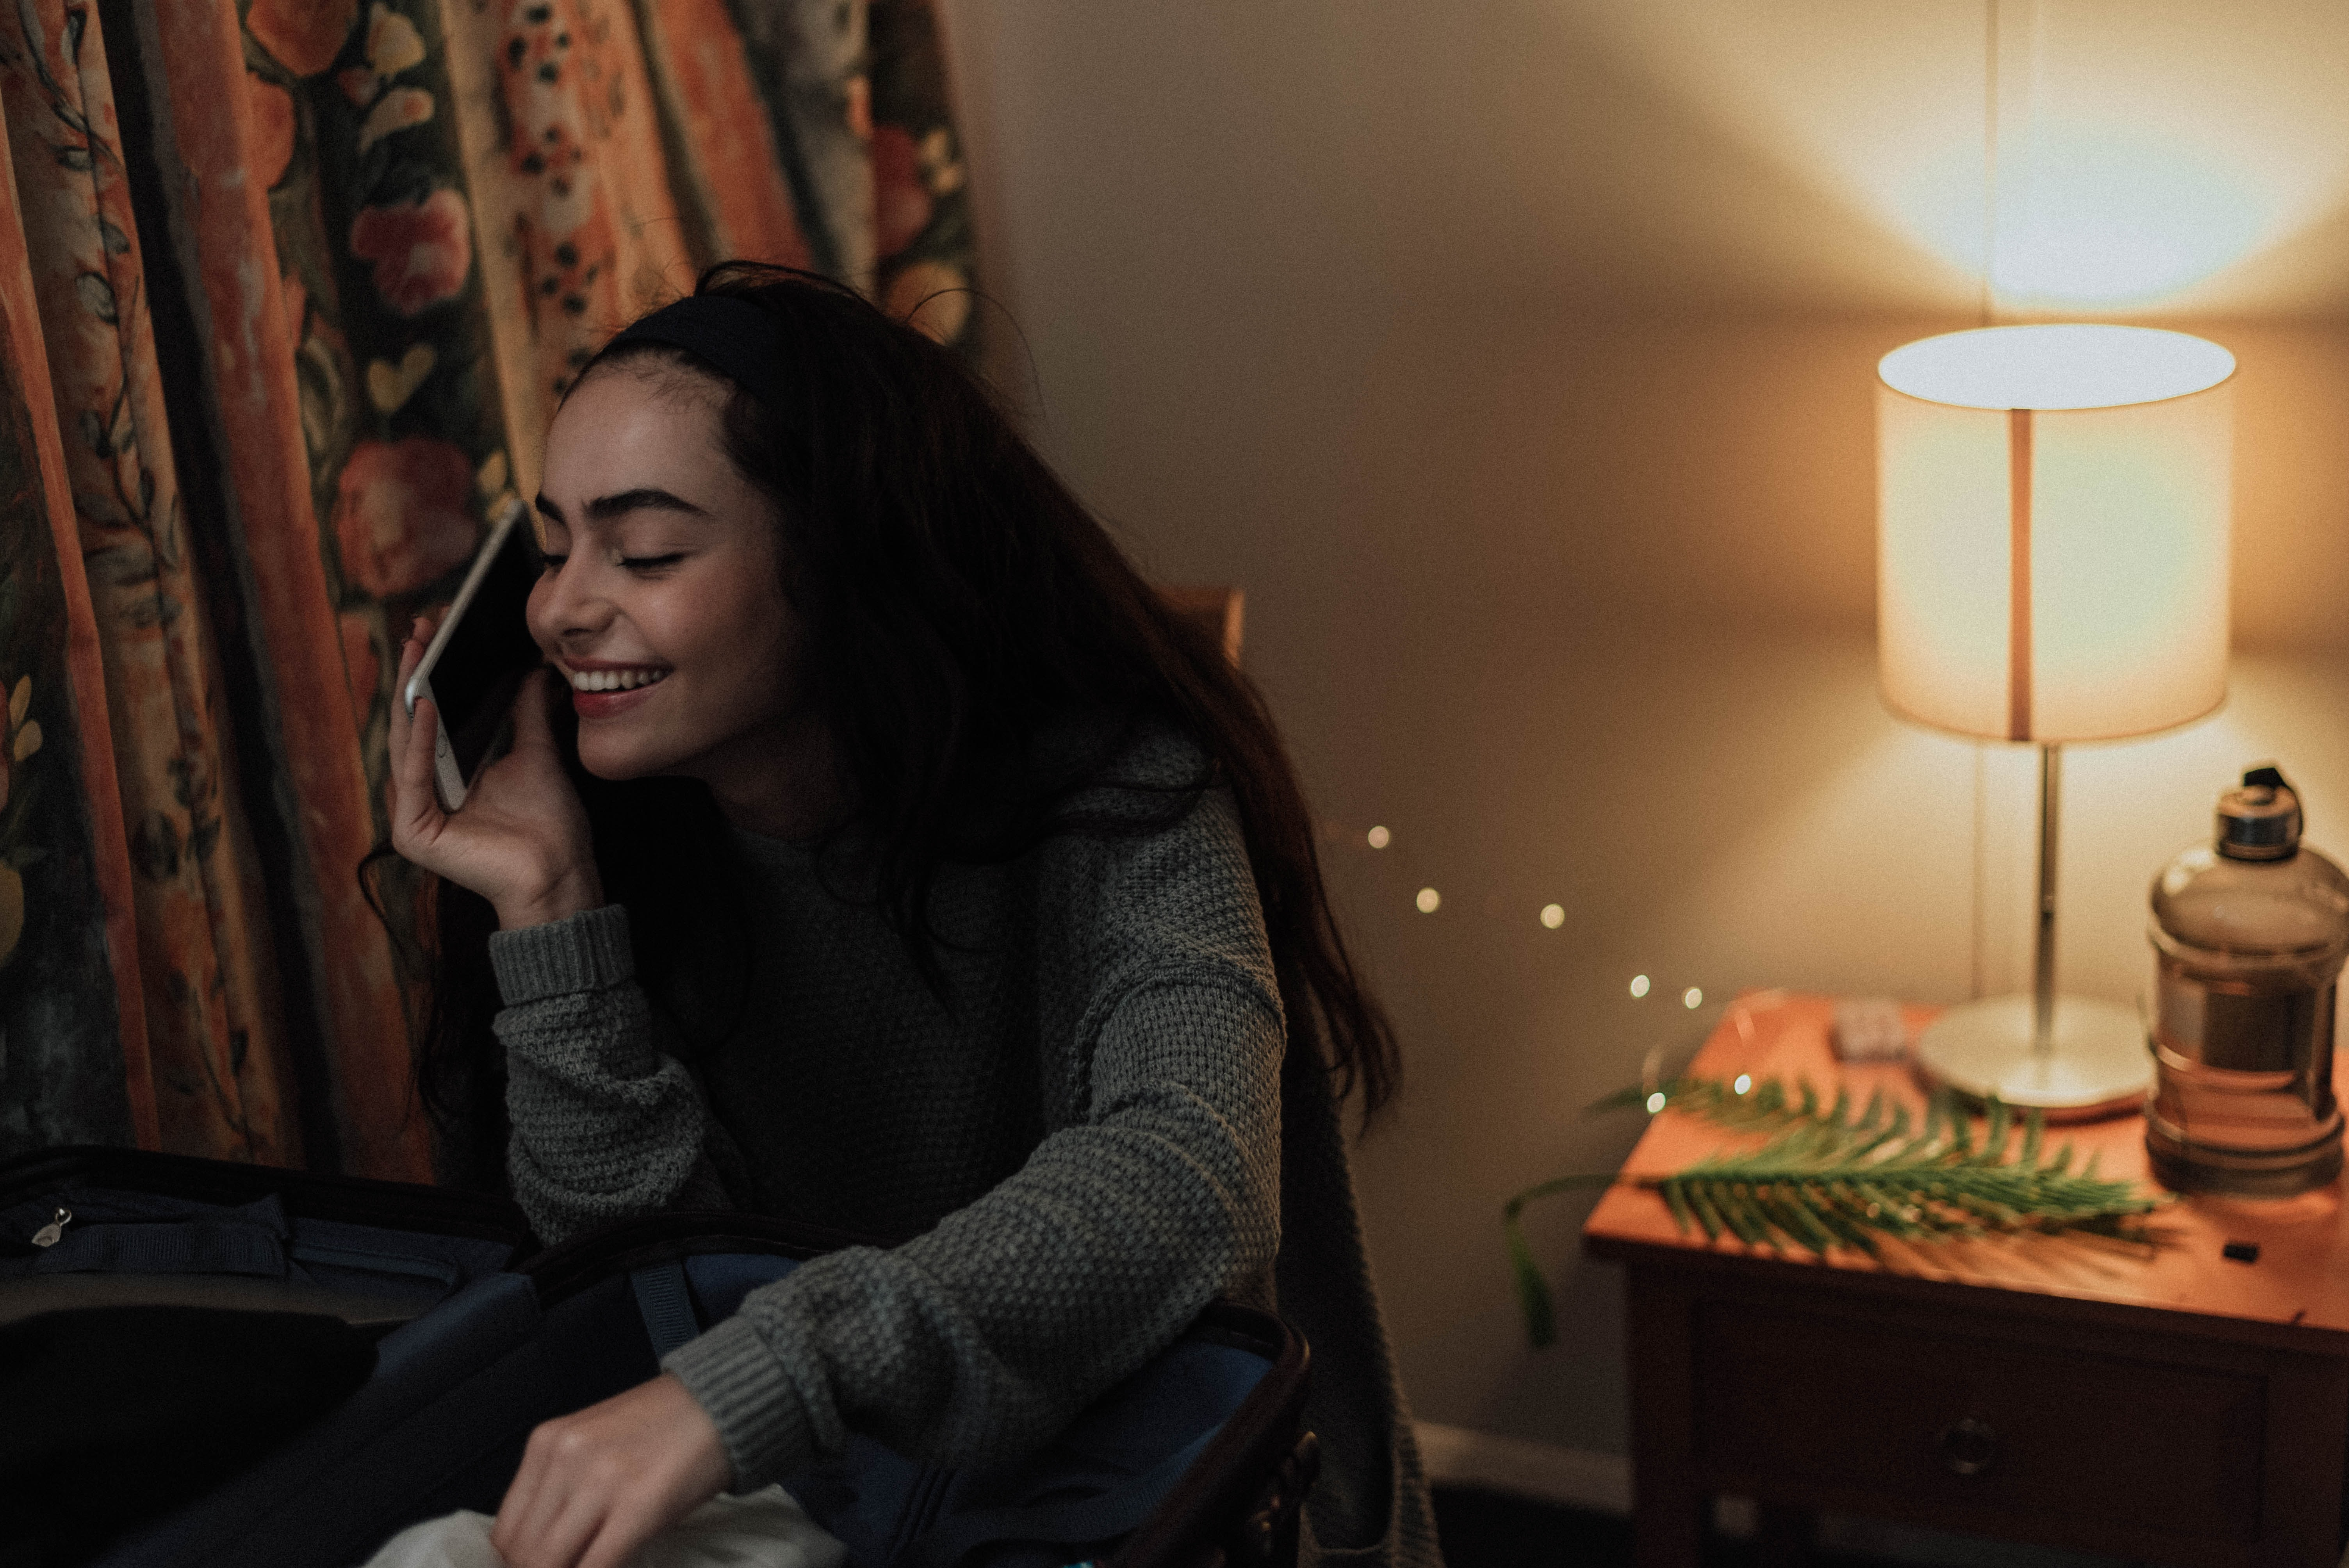 Llamadas WiFi: cómo realizar llamadas de calidad cuando no tienes cobertura